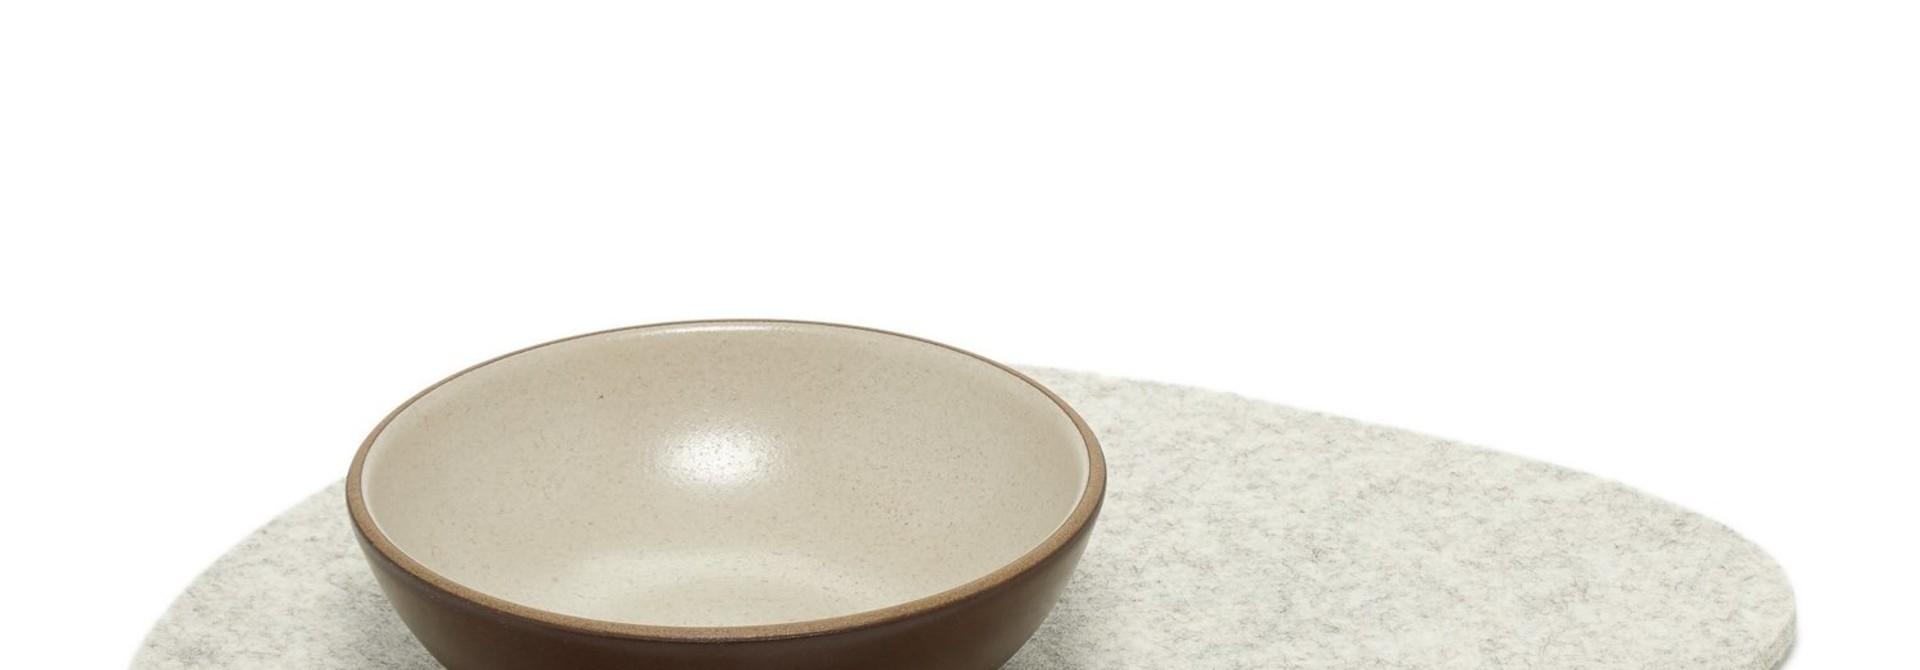 Felt Trivet Stone Large - Heather White